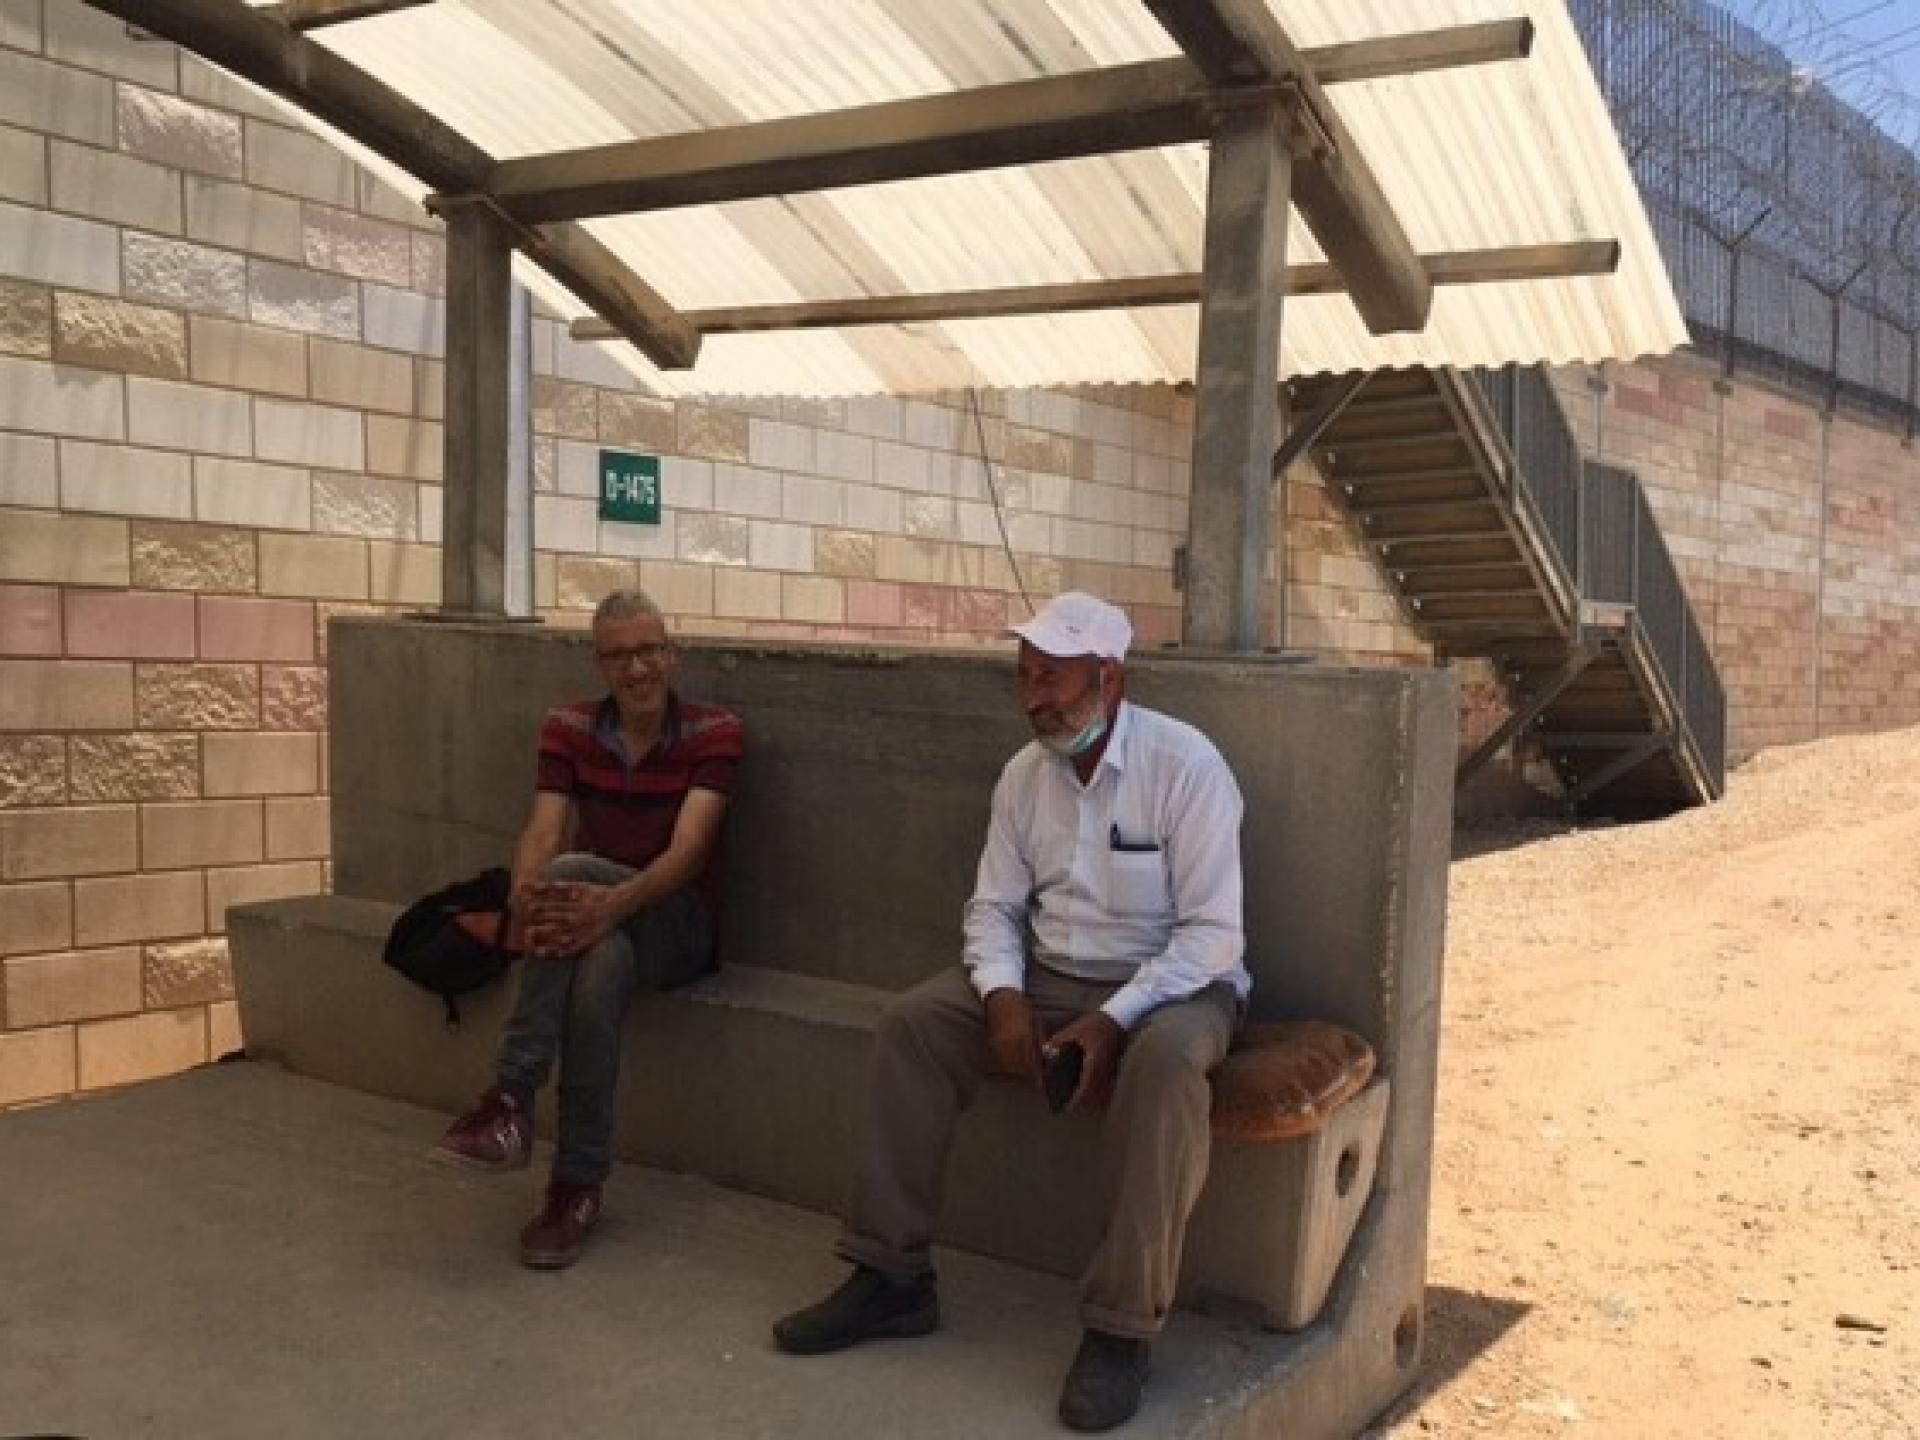 שני גברים מחכים בצל לפתיחת המחסום